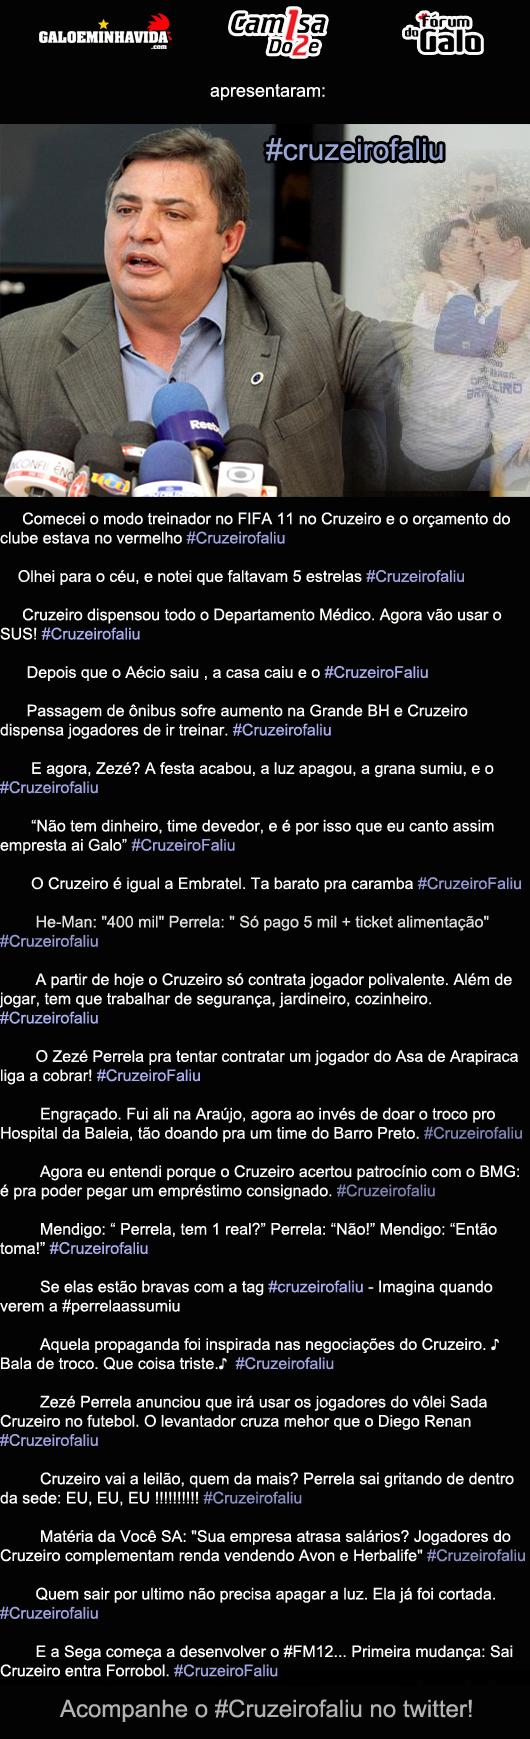 parte1 #cruzeirofaliu